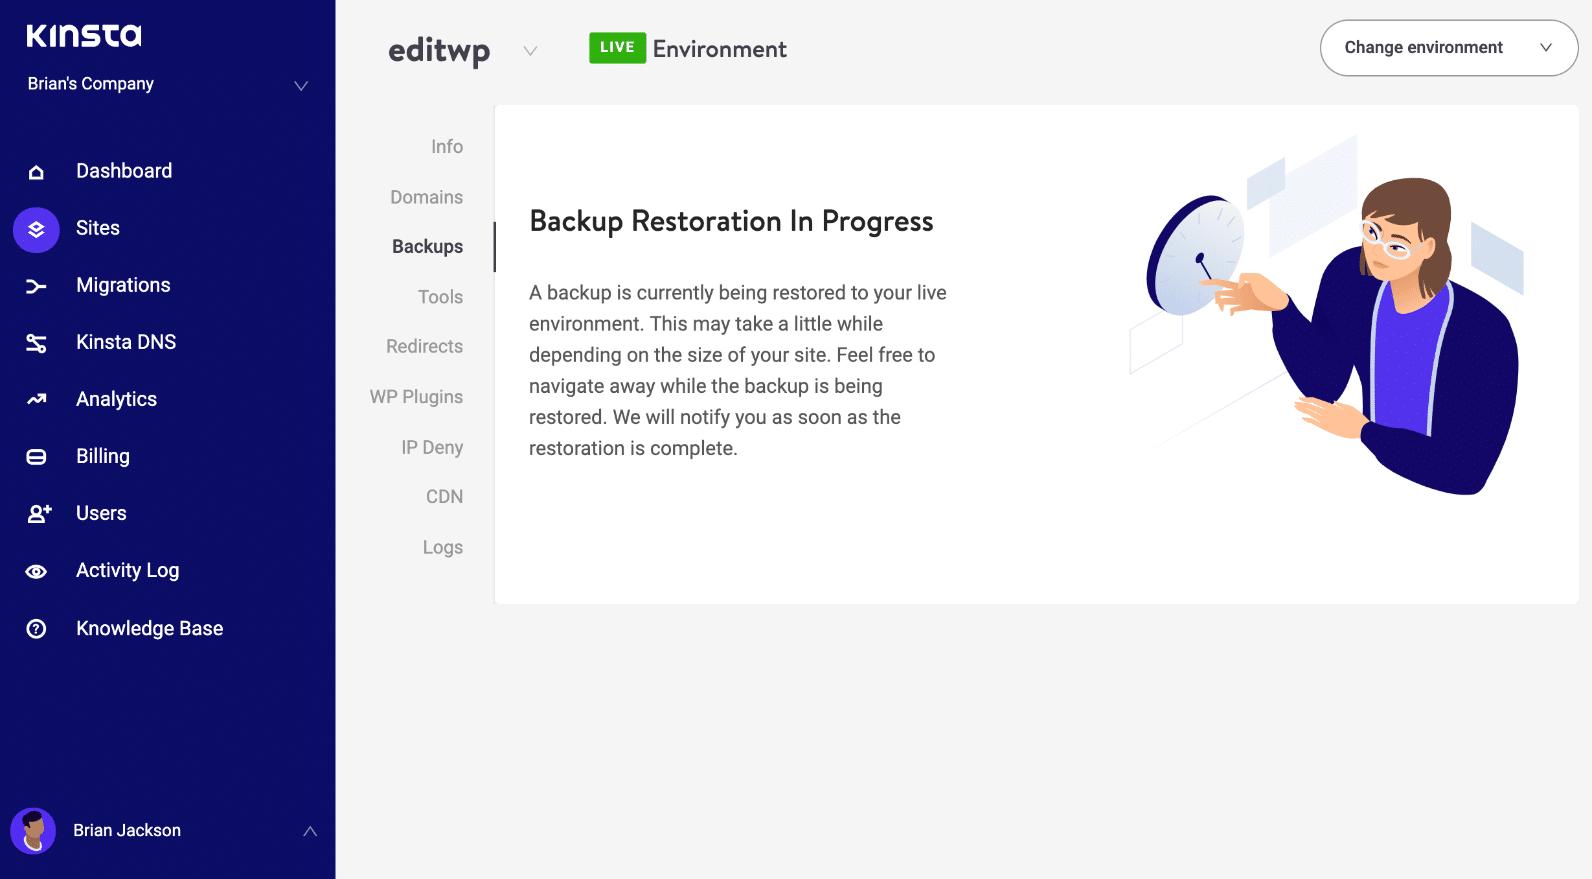 Restauración de respaldo de WordPress en progreso